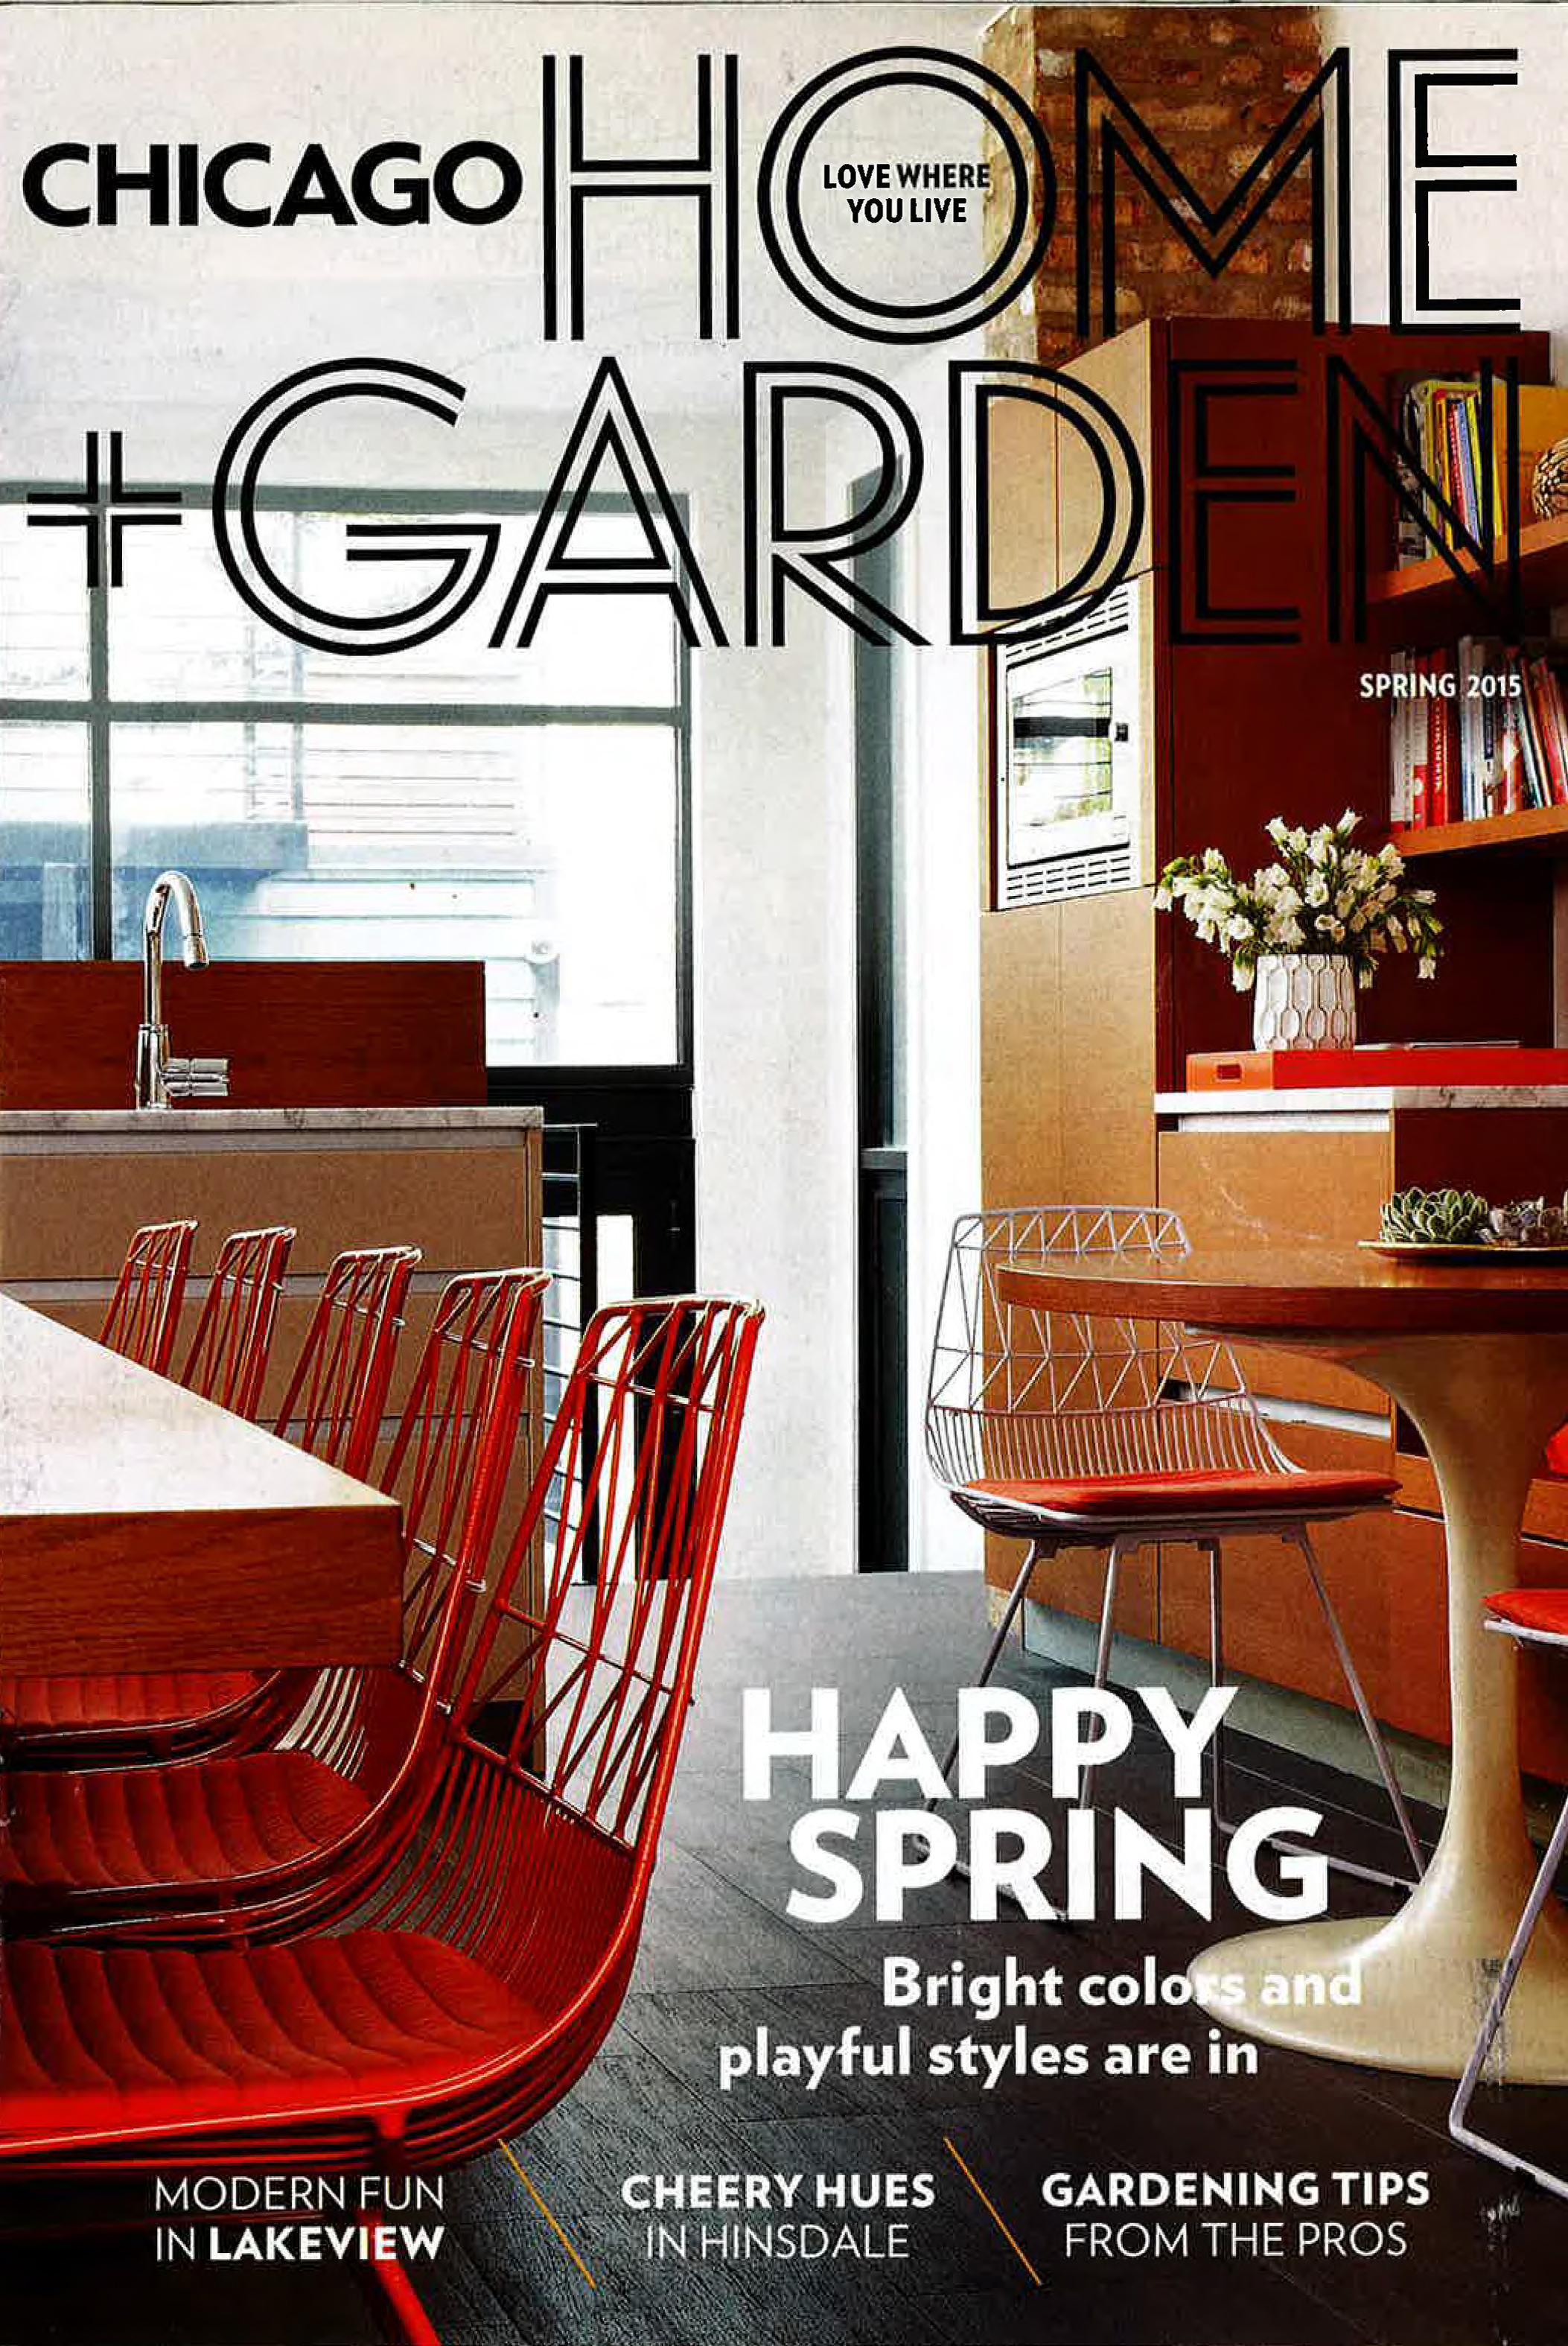 Chicago Home & Garden - Spring 2015